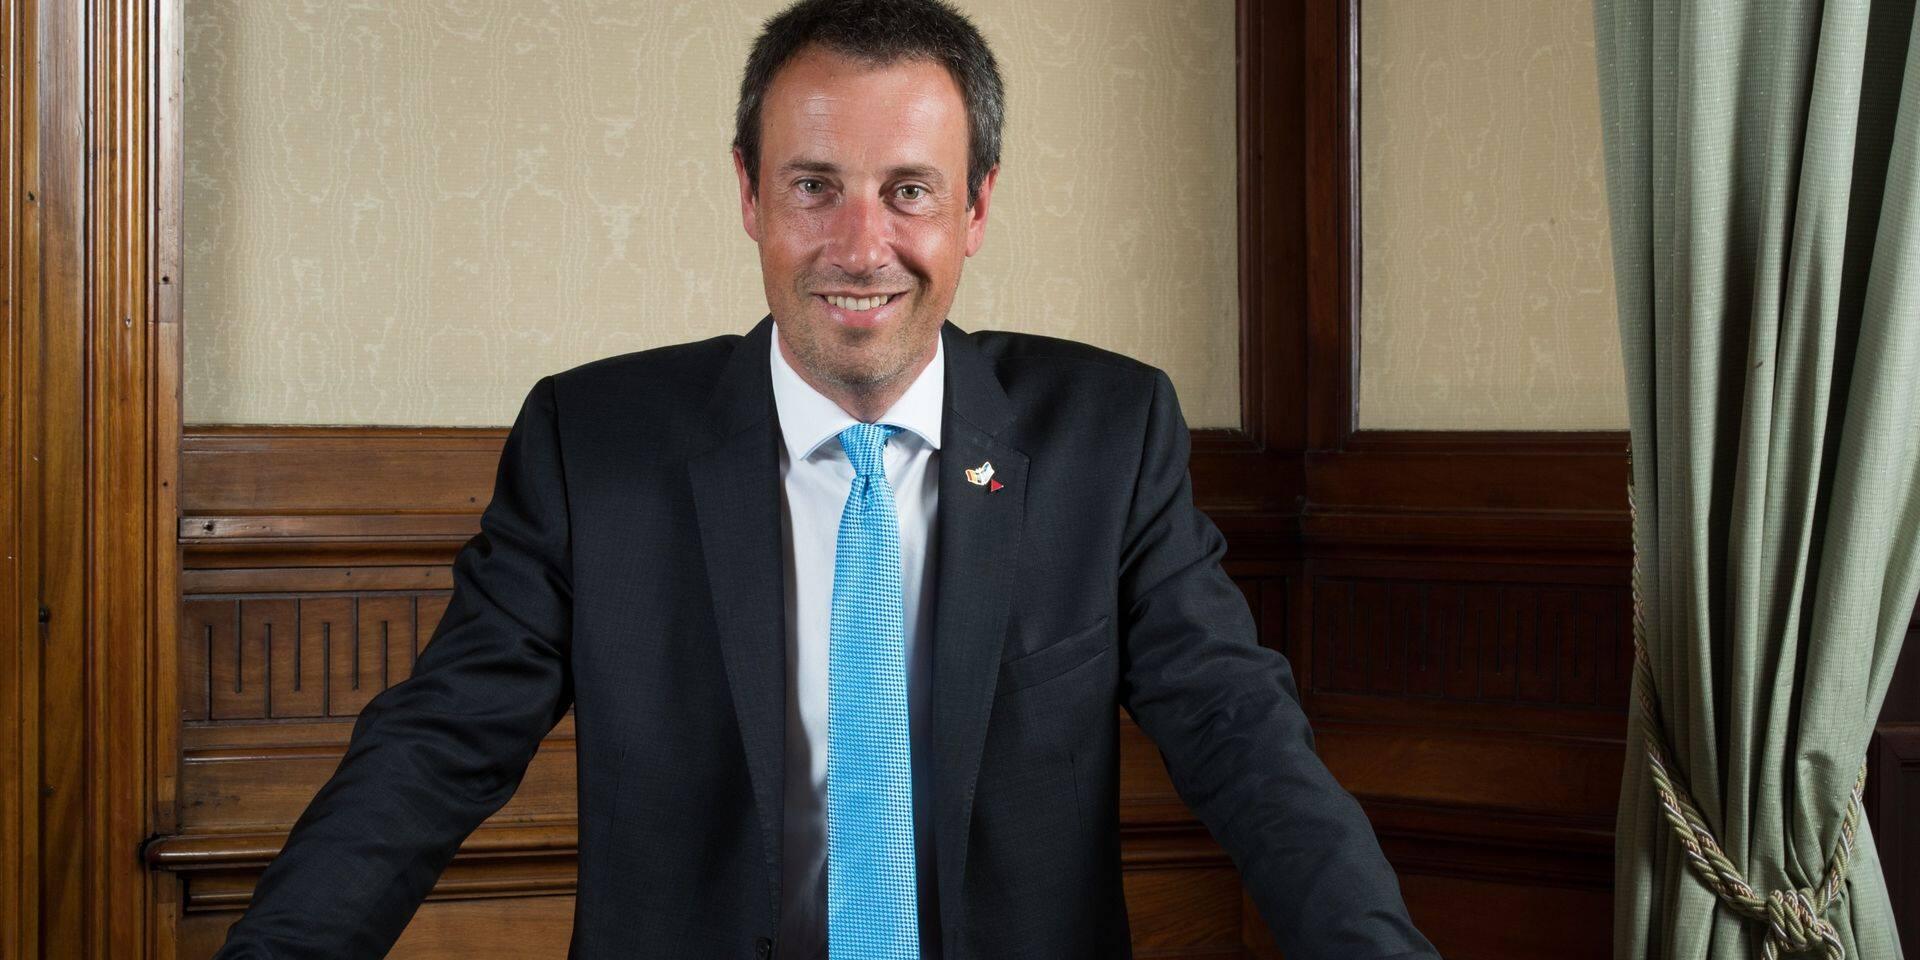 Qui est Philippe Goffin, le nouveau ministre des Affaires étrangères et de la Défense?